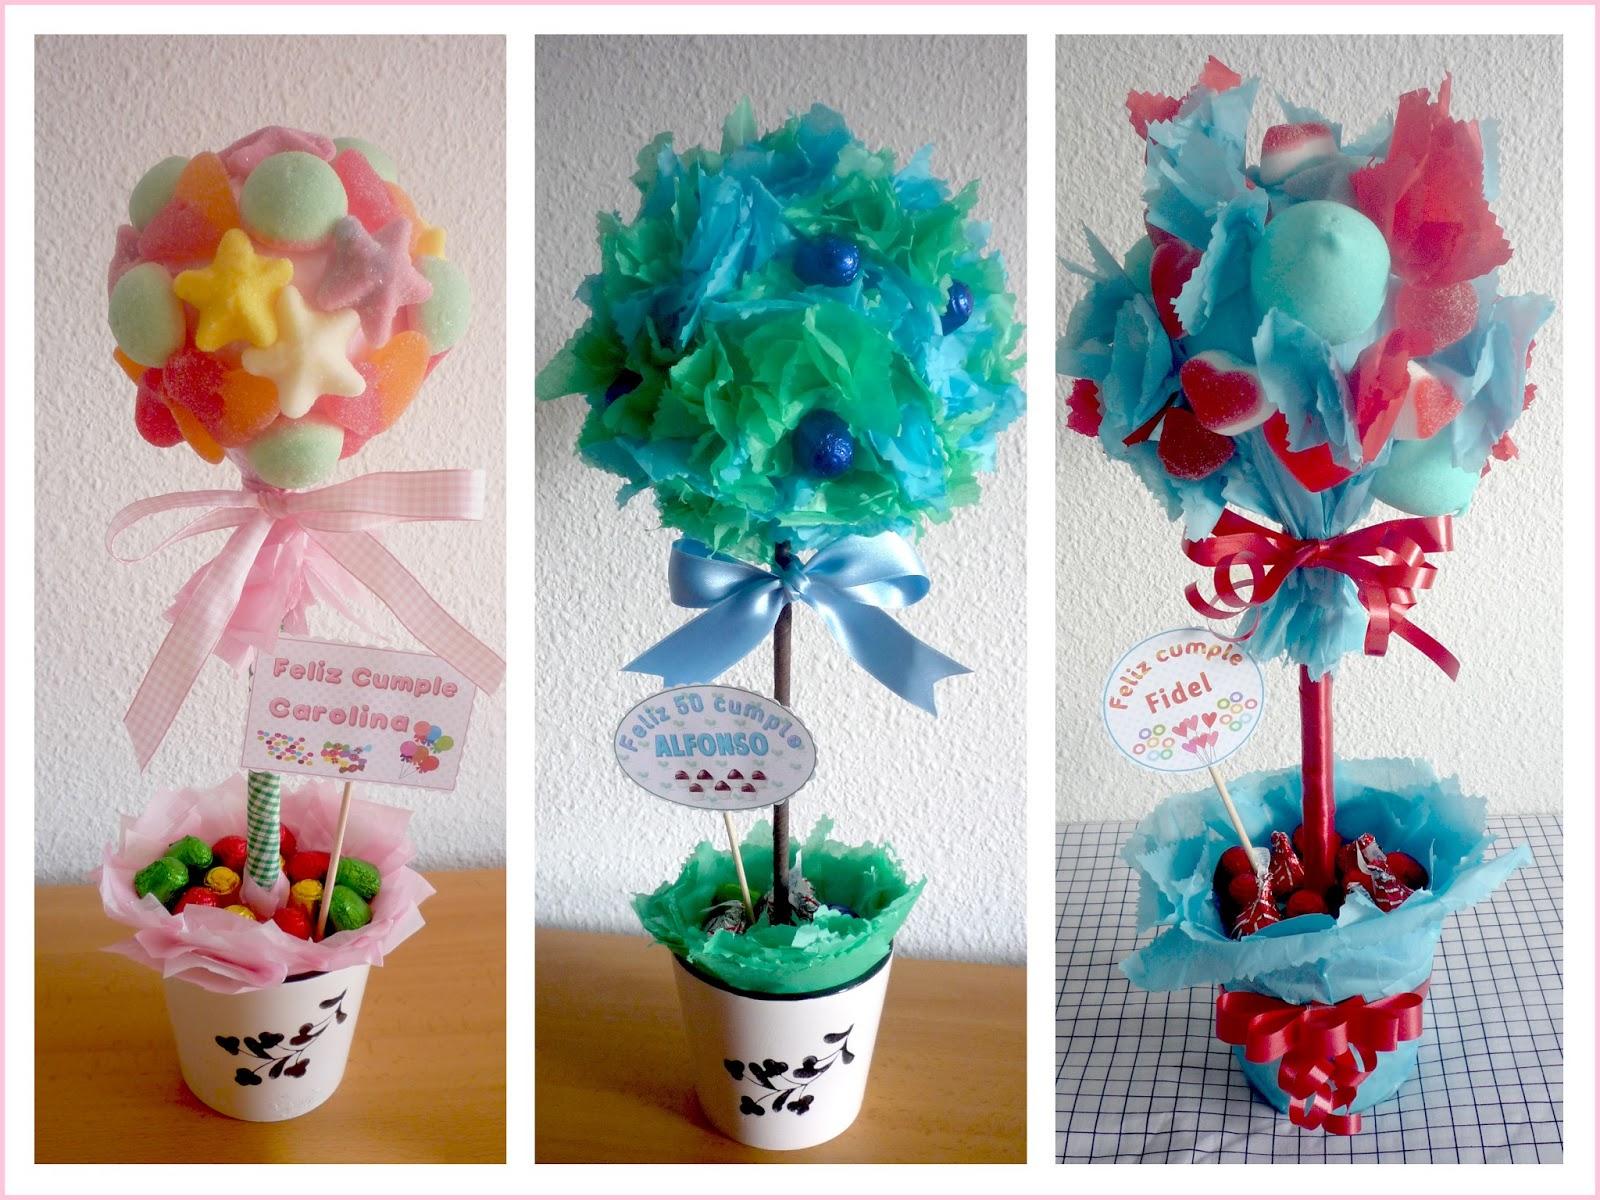 Baby nina fiestas topiarios o arboles de dulces chuches for Centros de mesa con chuches